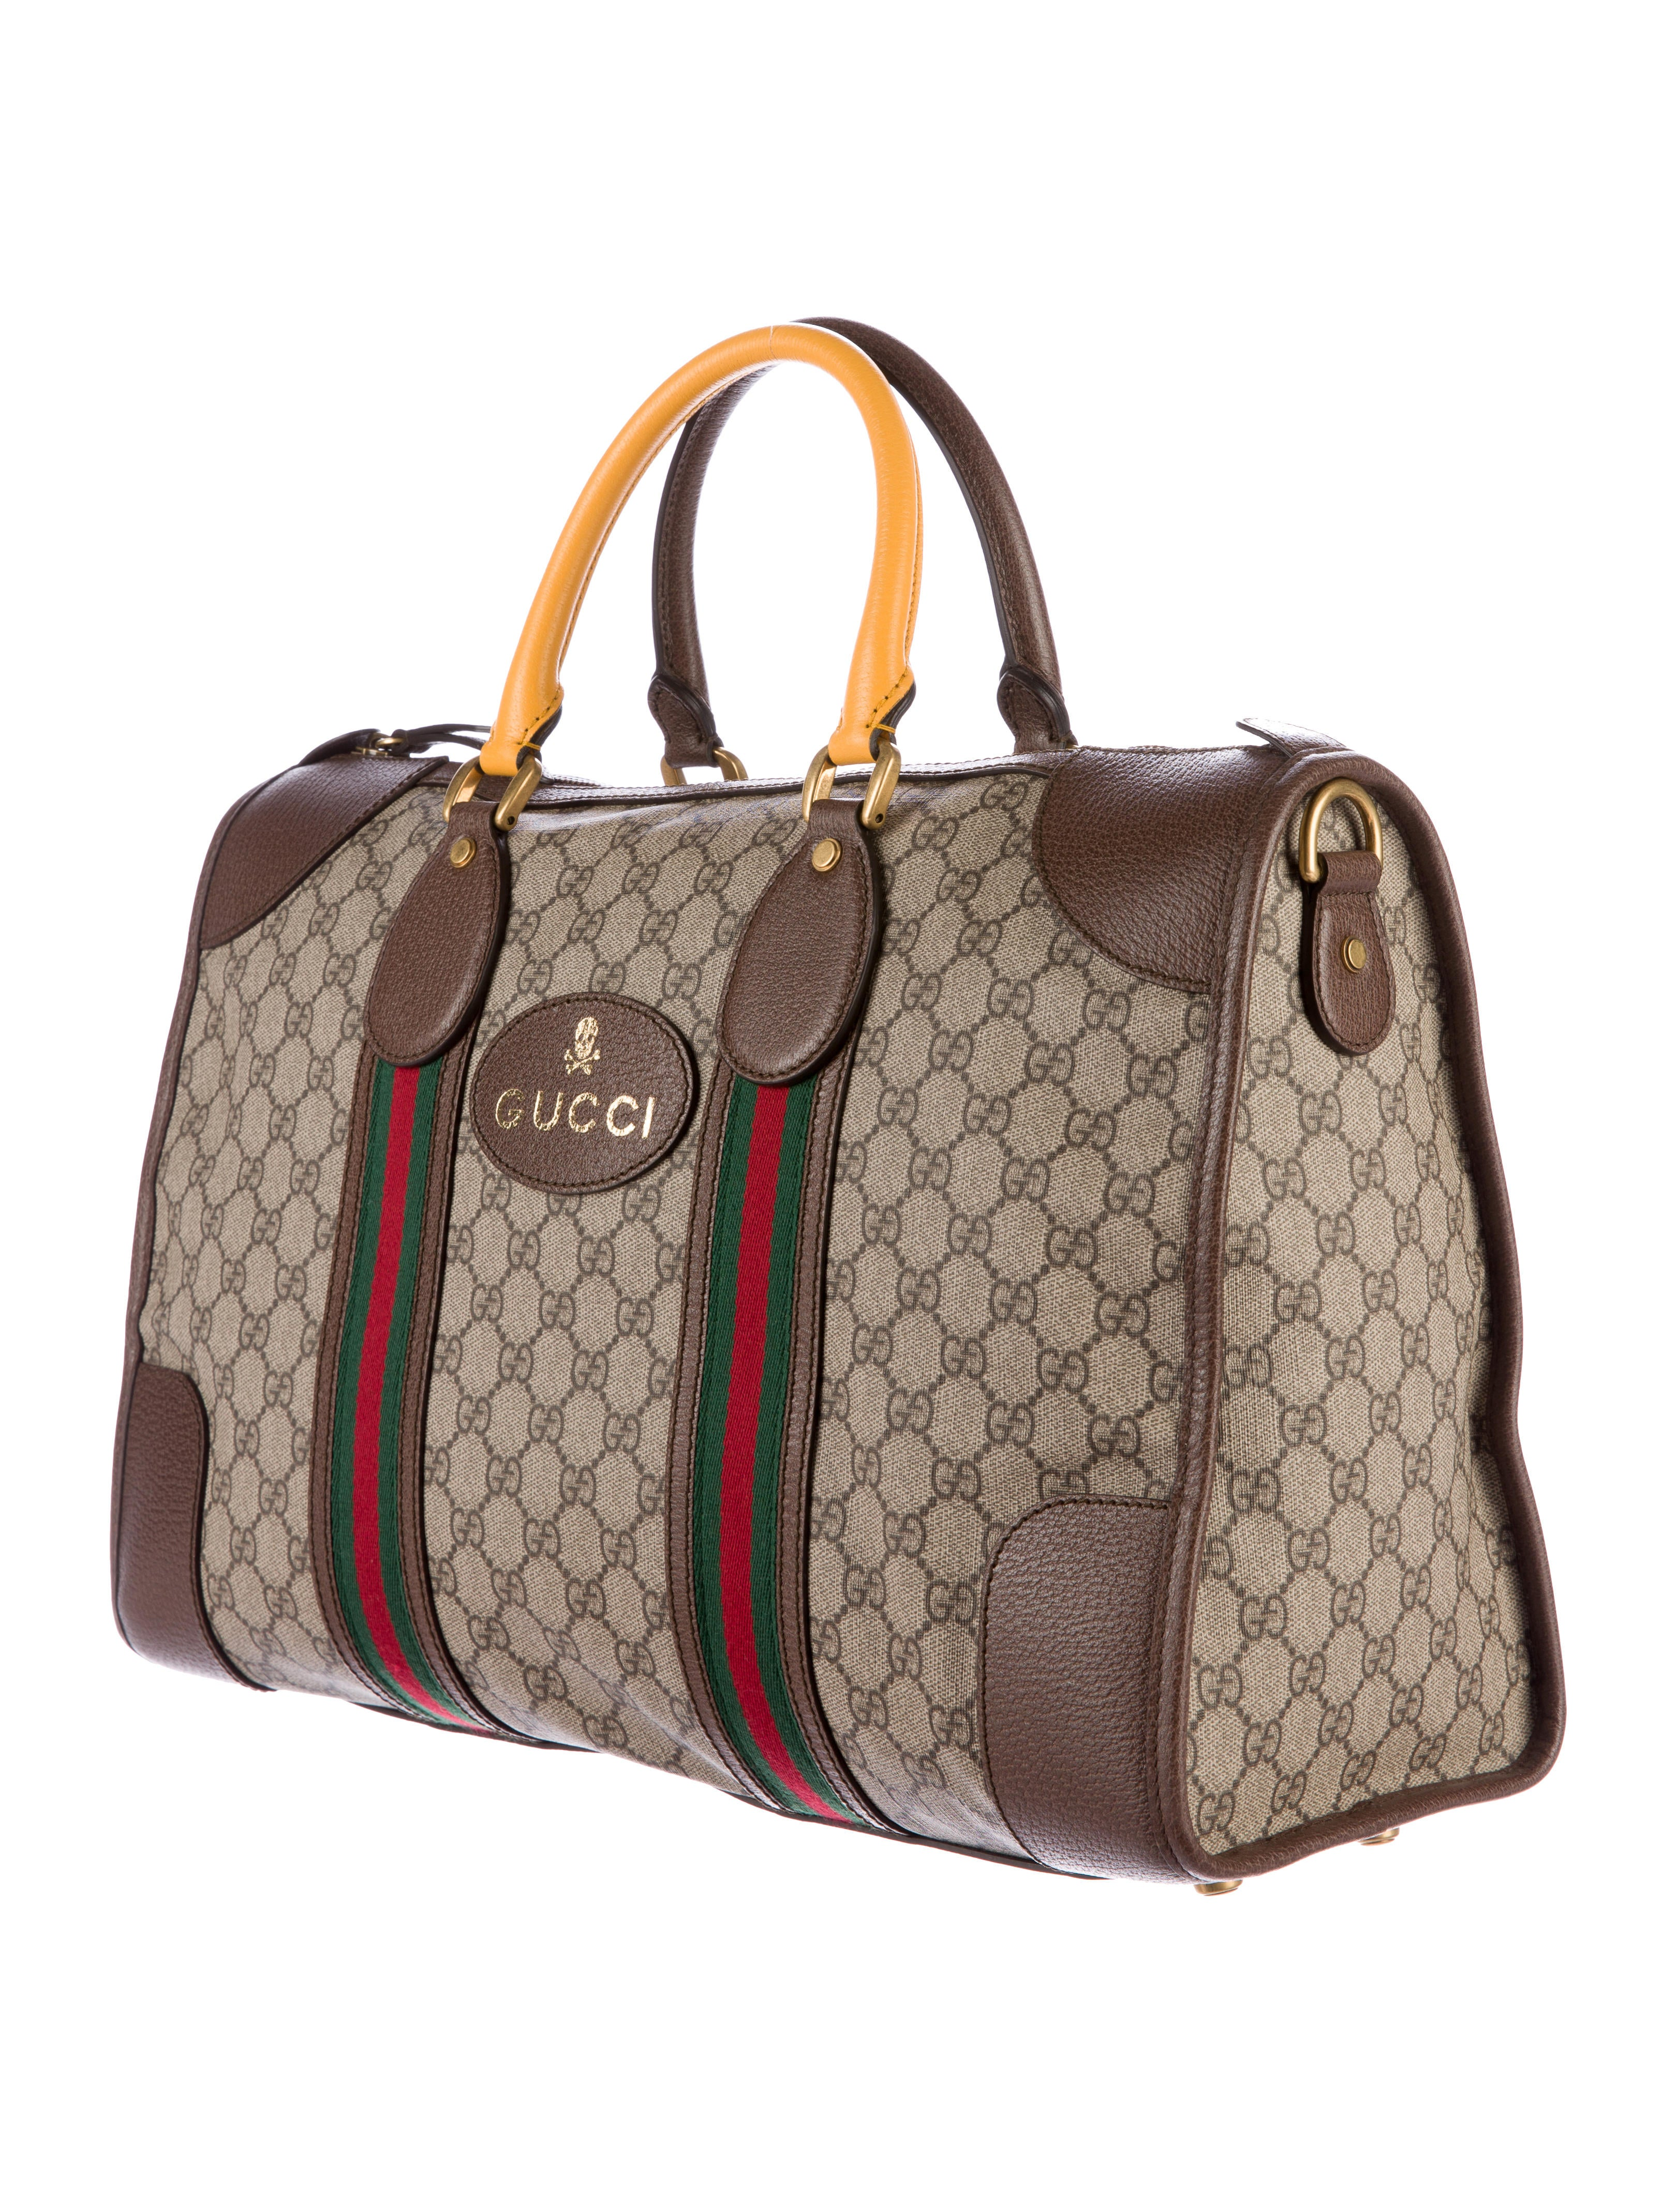 222b702fd485e7 Gucci 2017 GG Supreme Web Duffle Bag - Luggage - GUC140057   The RealReal